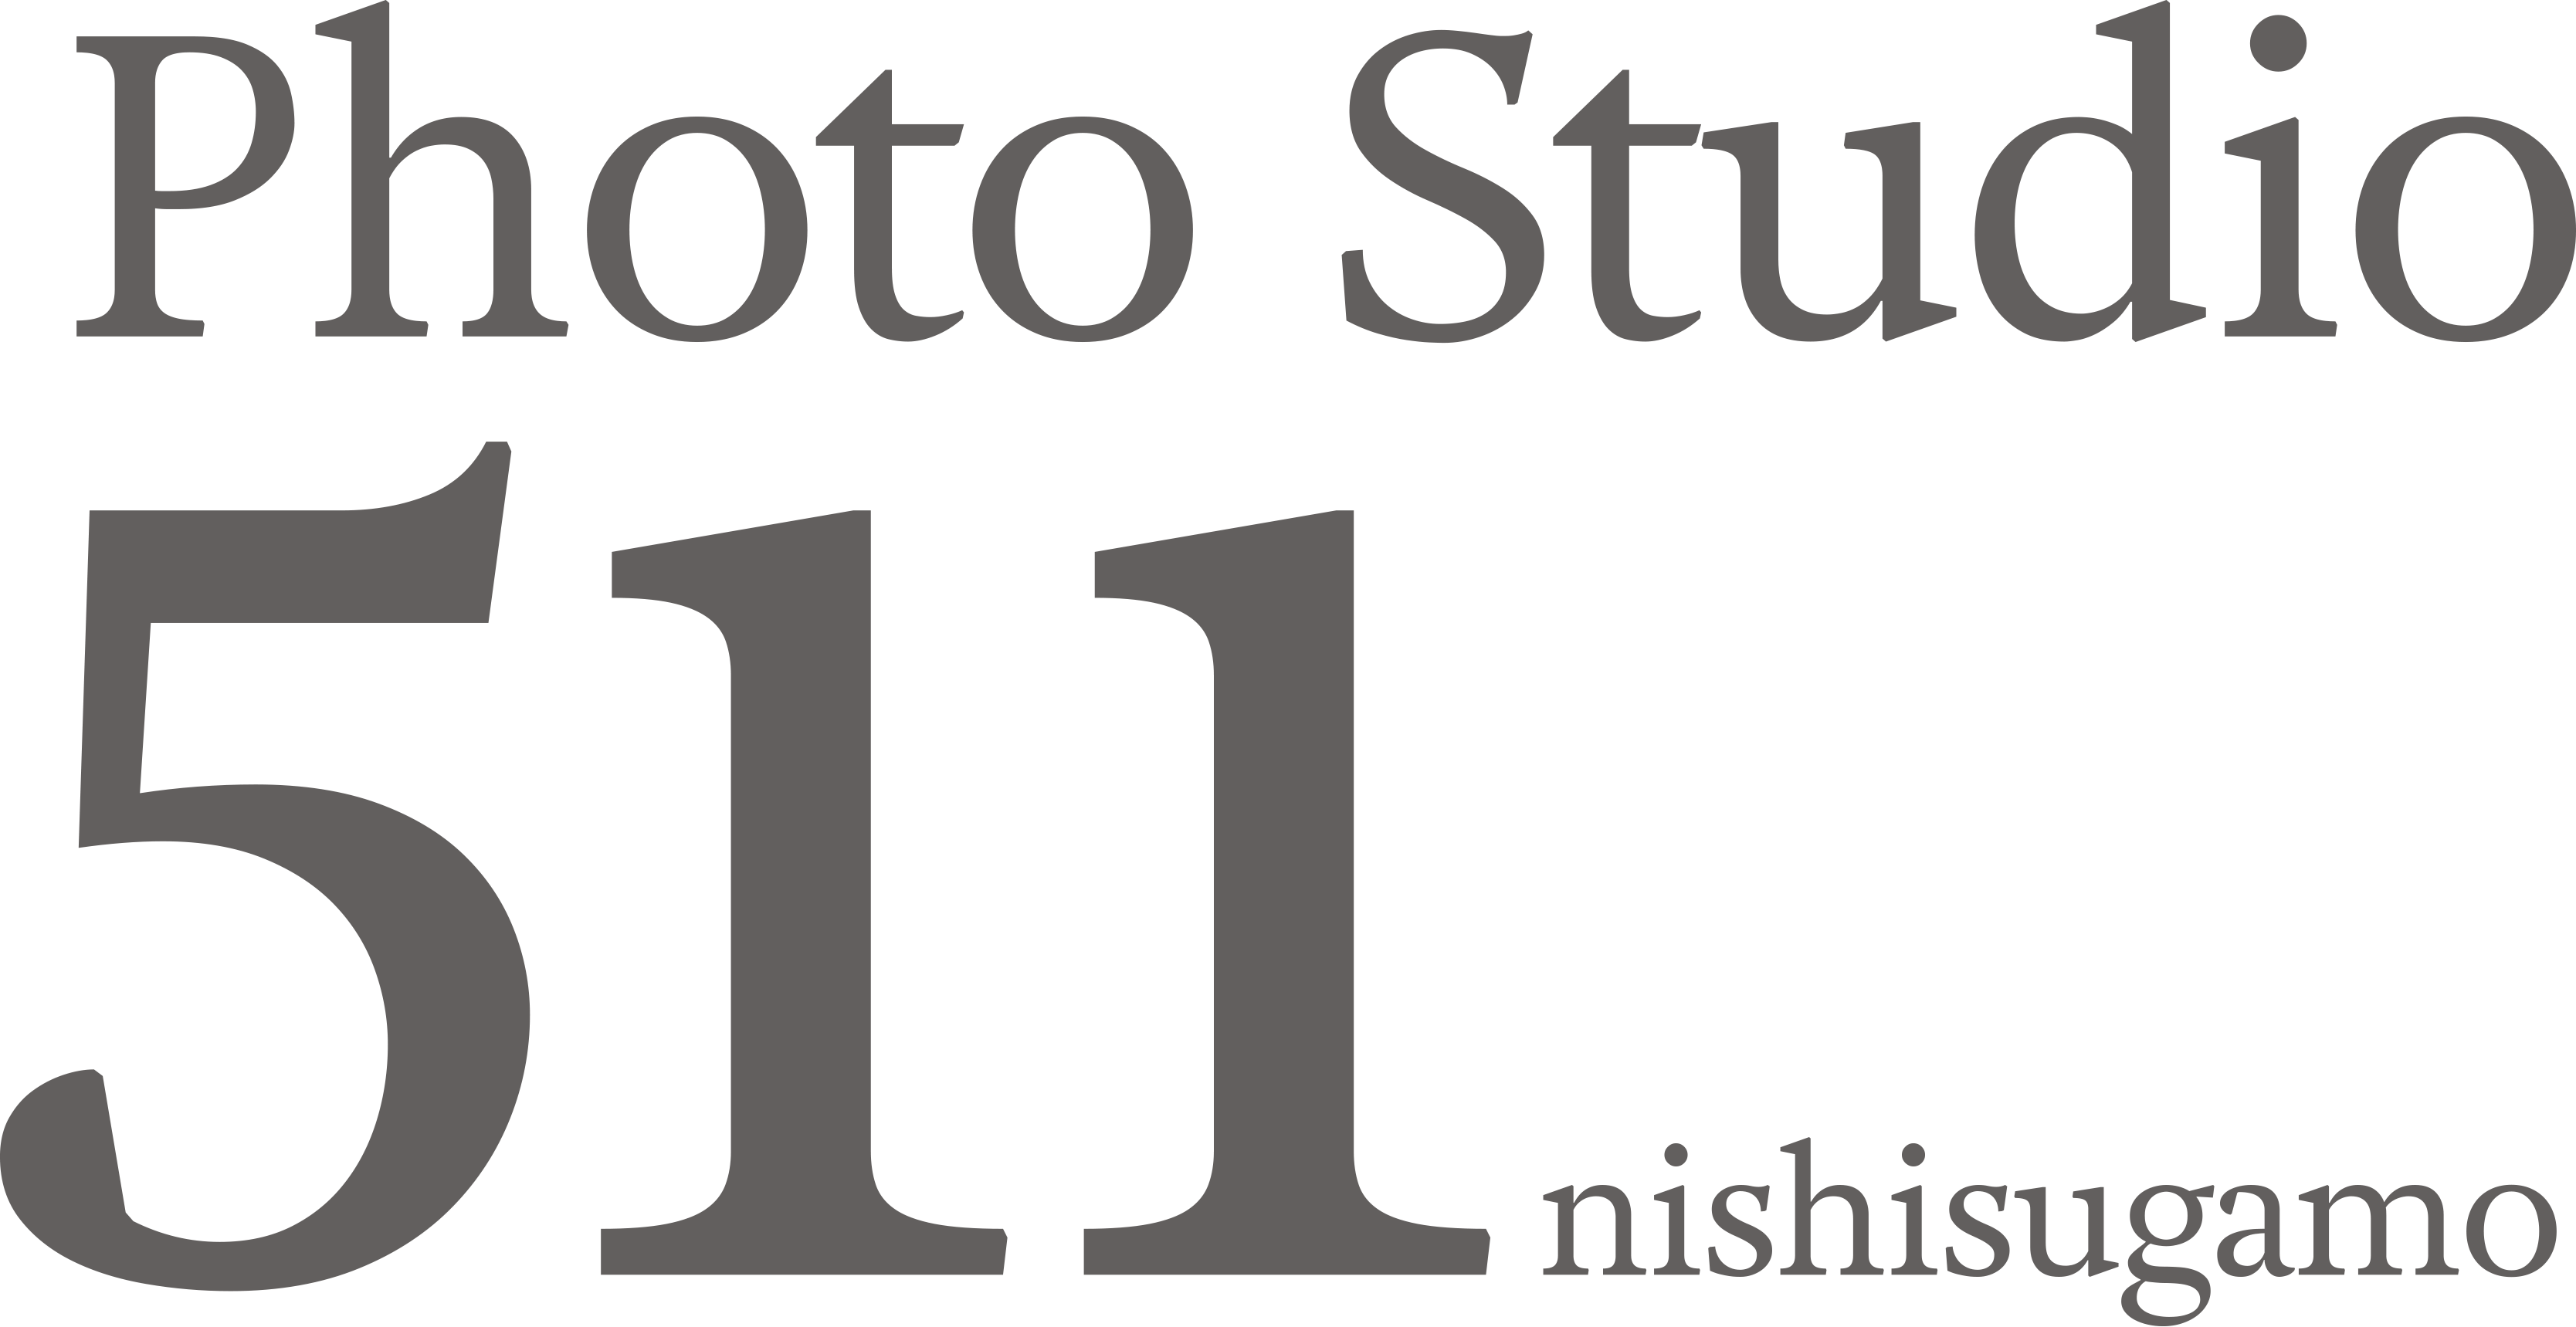 Photo Studio 511